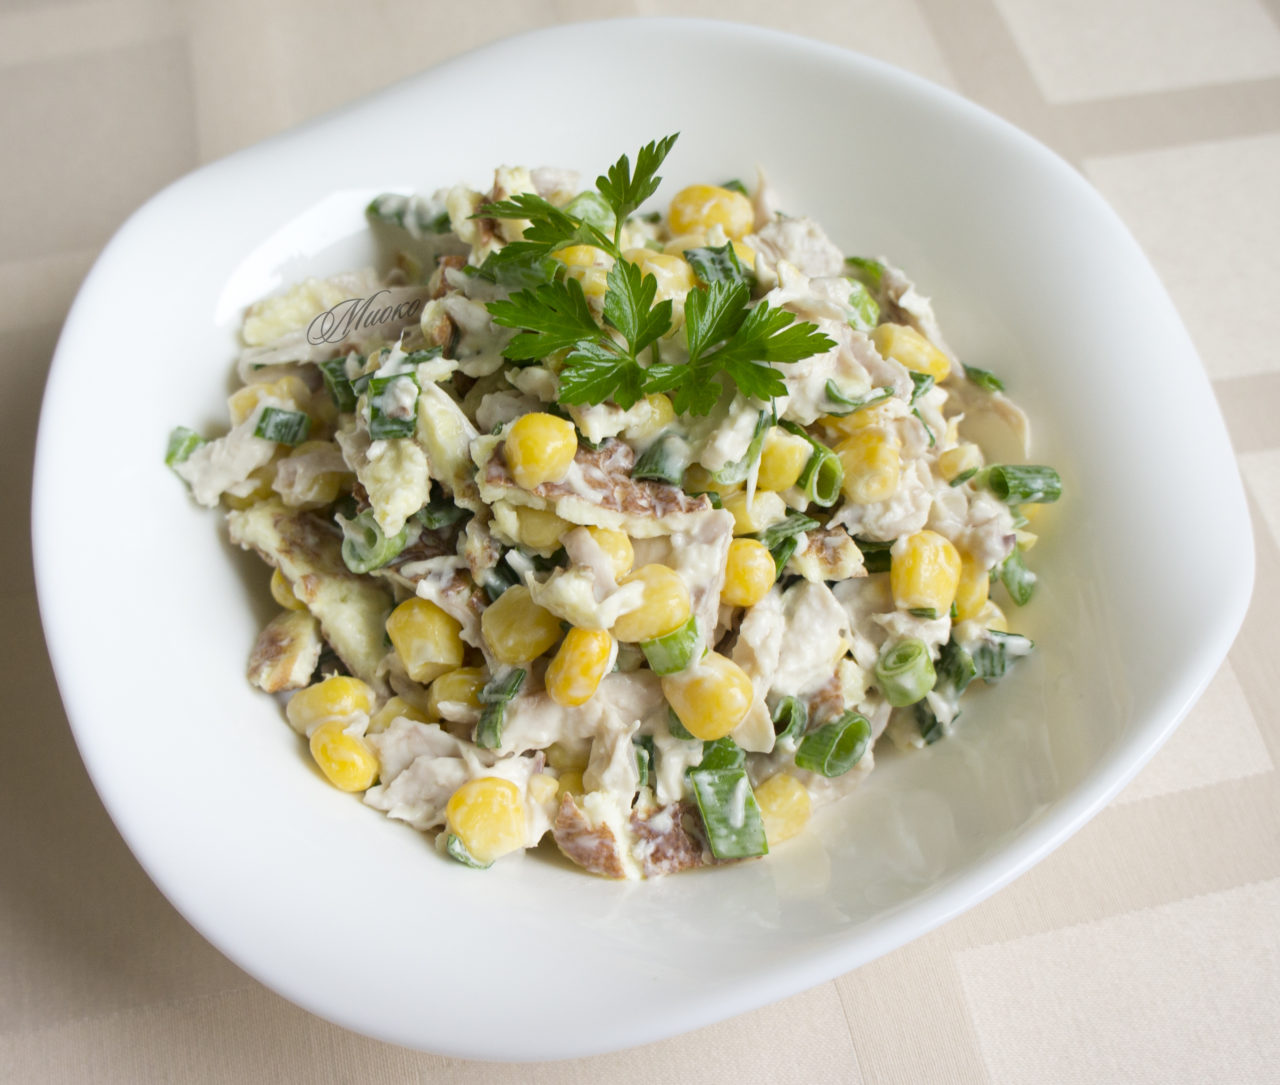 Салат разбойничий с блинами курицей и чесноком. салат блинный с копченой курочкой | дачная жизнь